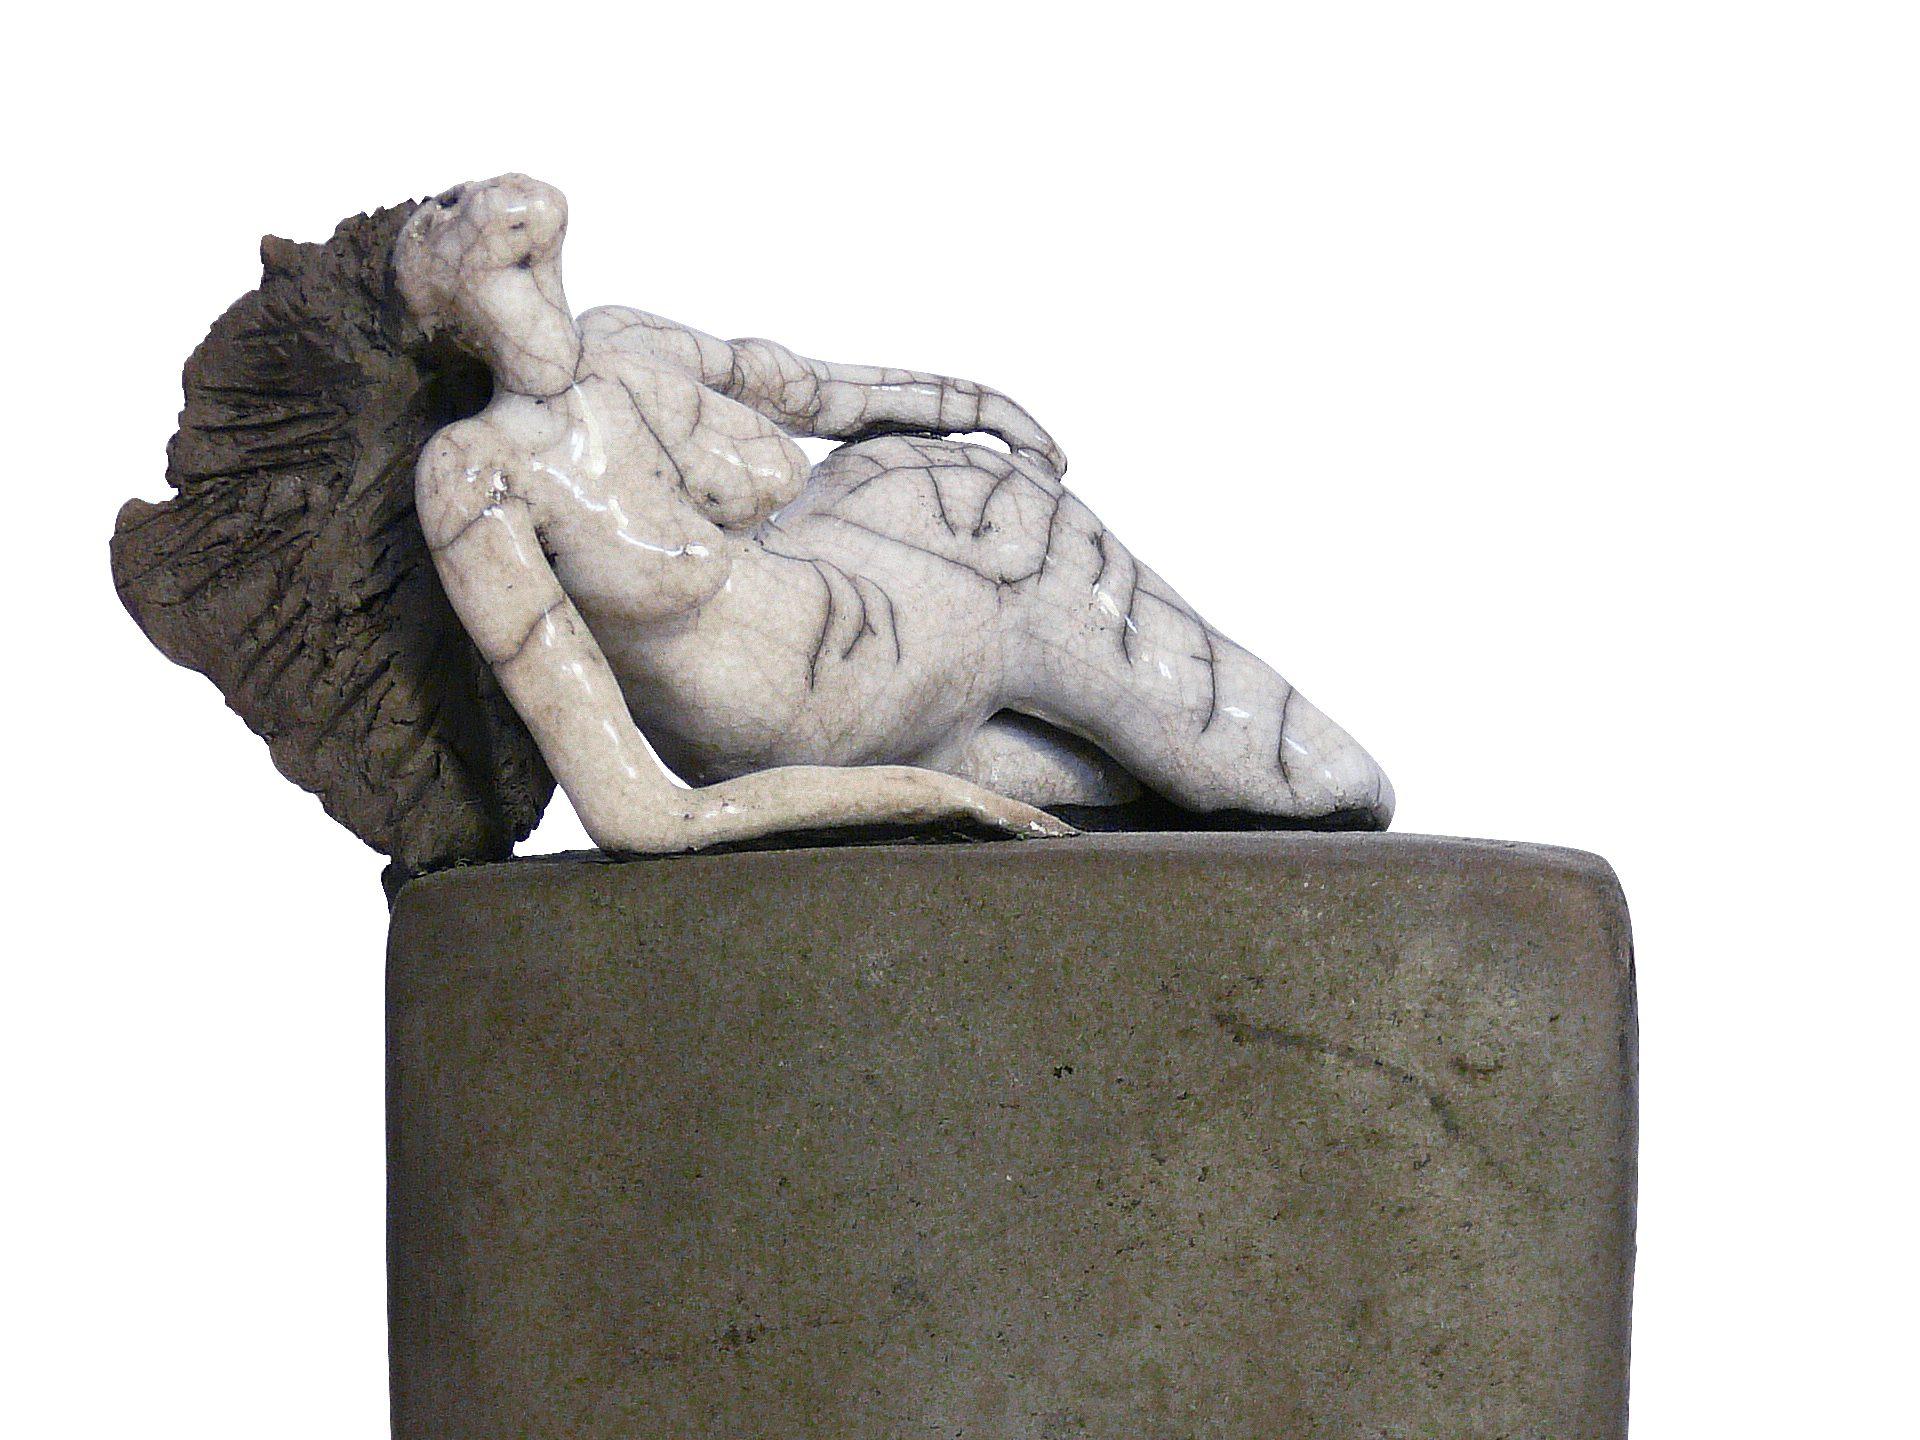 L'alanguie - Grès - Raku - Sculptures céramique de Florence Lemiegre